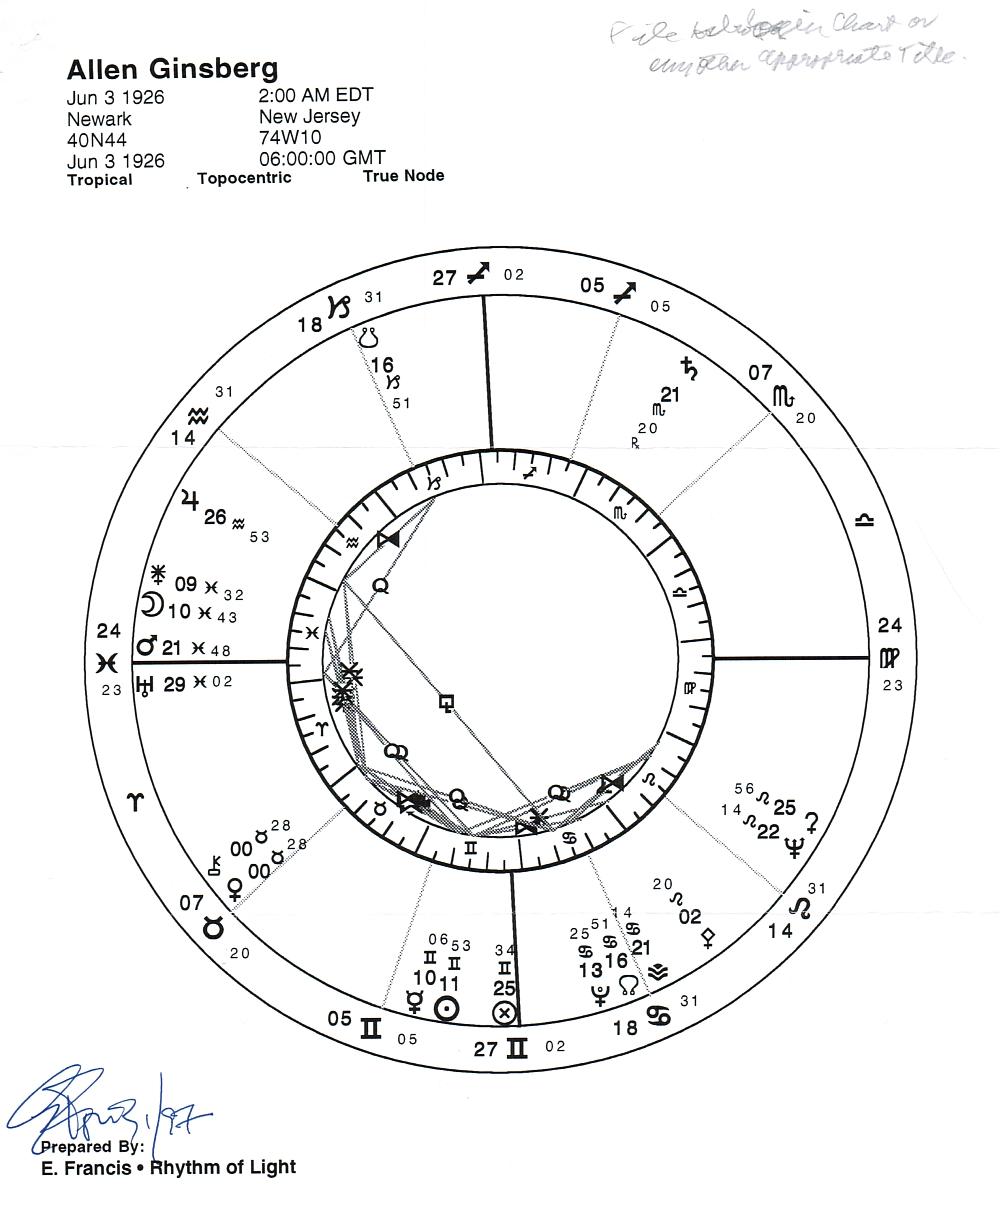 Allen's astrological chart